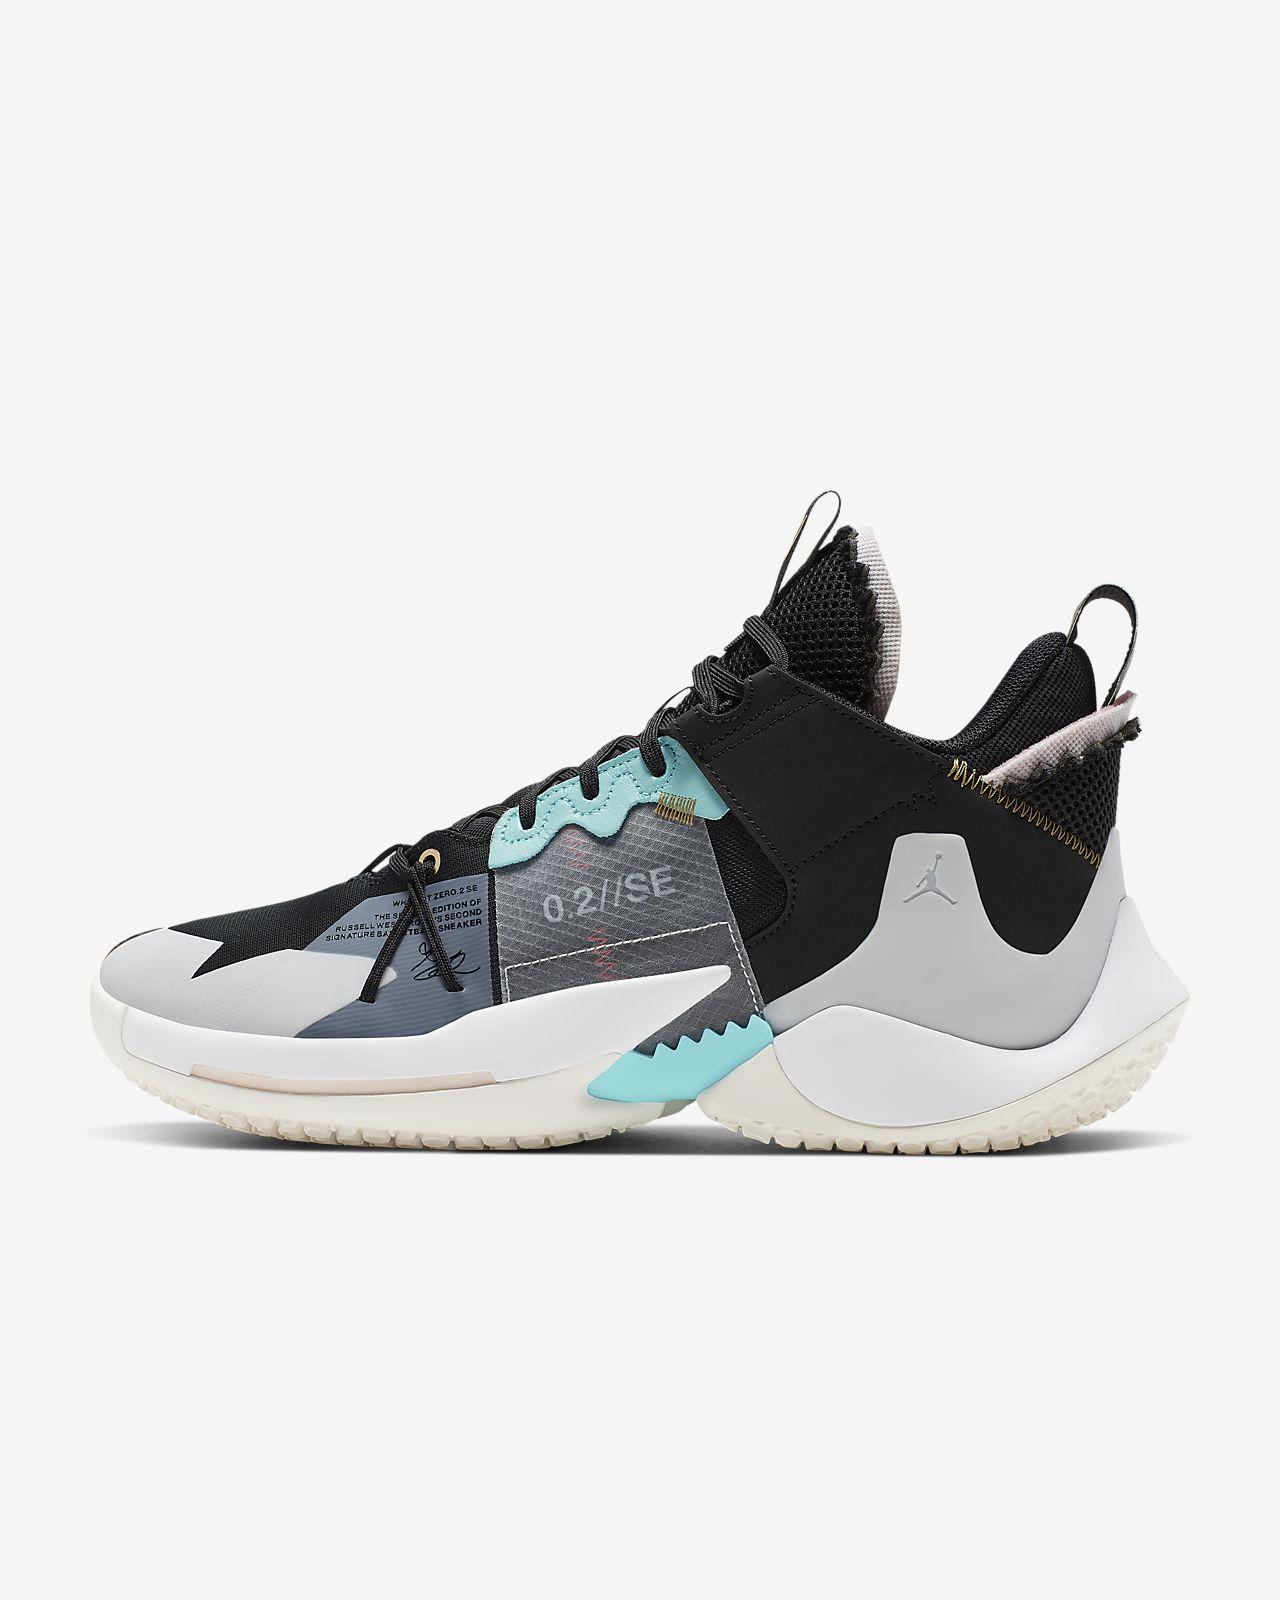 Jordan 'Why Not?' Zer0.2 SE Basketbalschoen voor heren